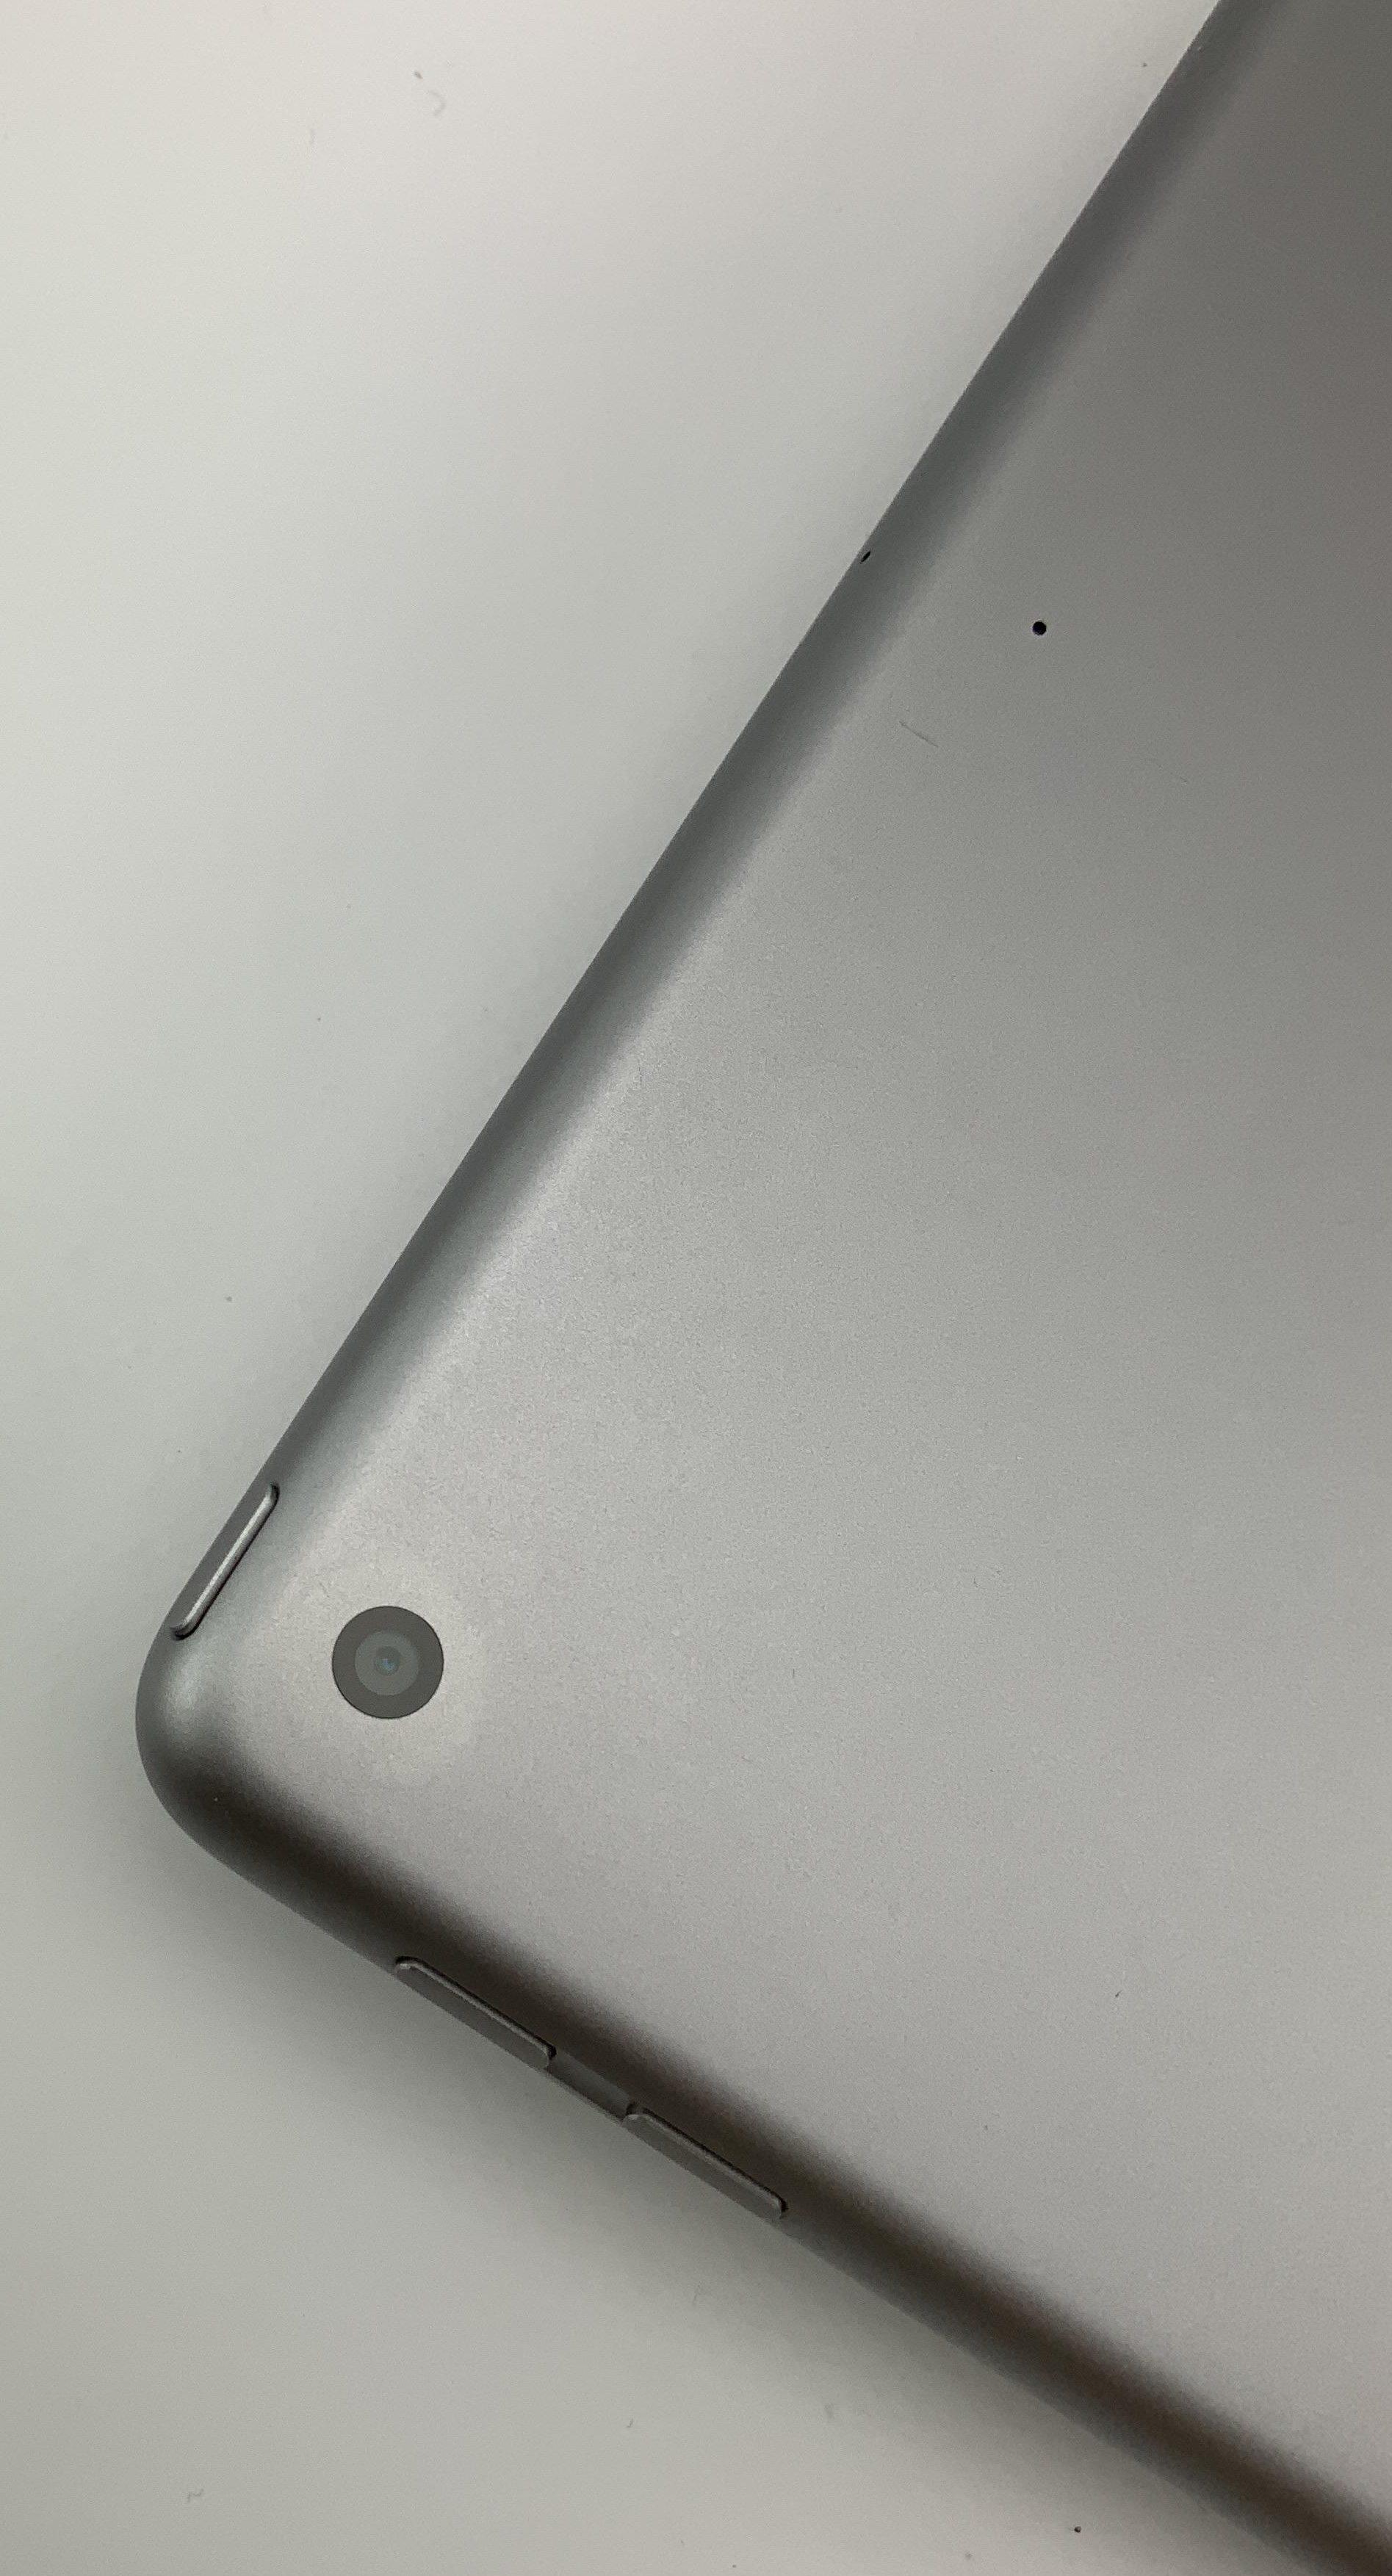 iPad 6 Wi-Fi 128GB, 128GB, Space Gray, image 4